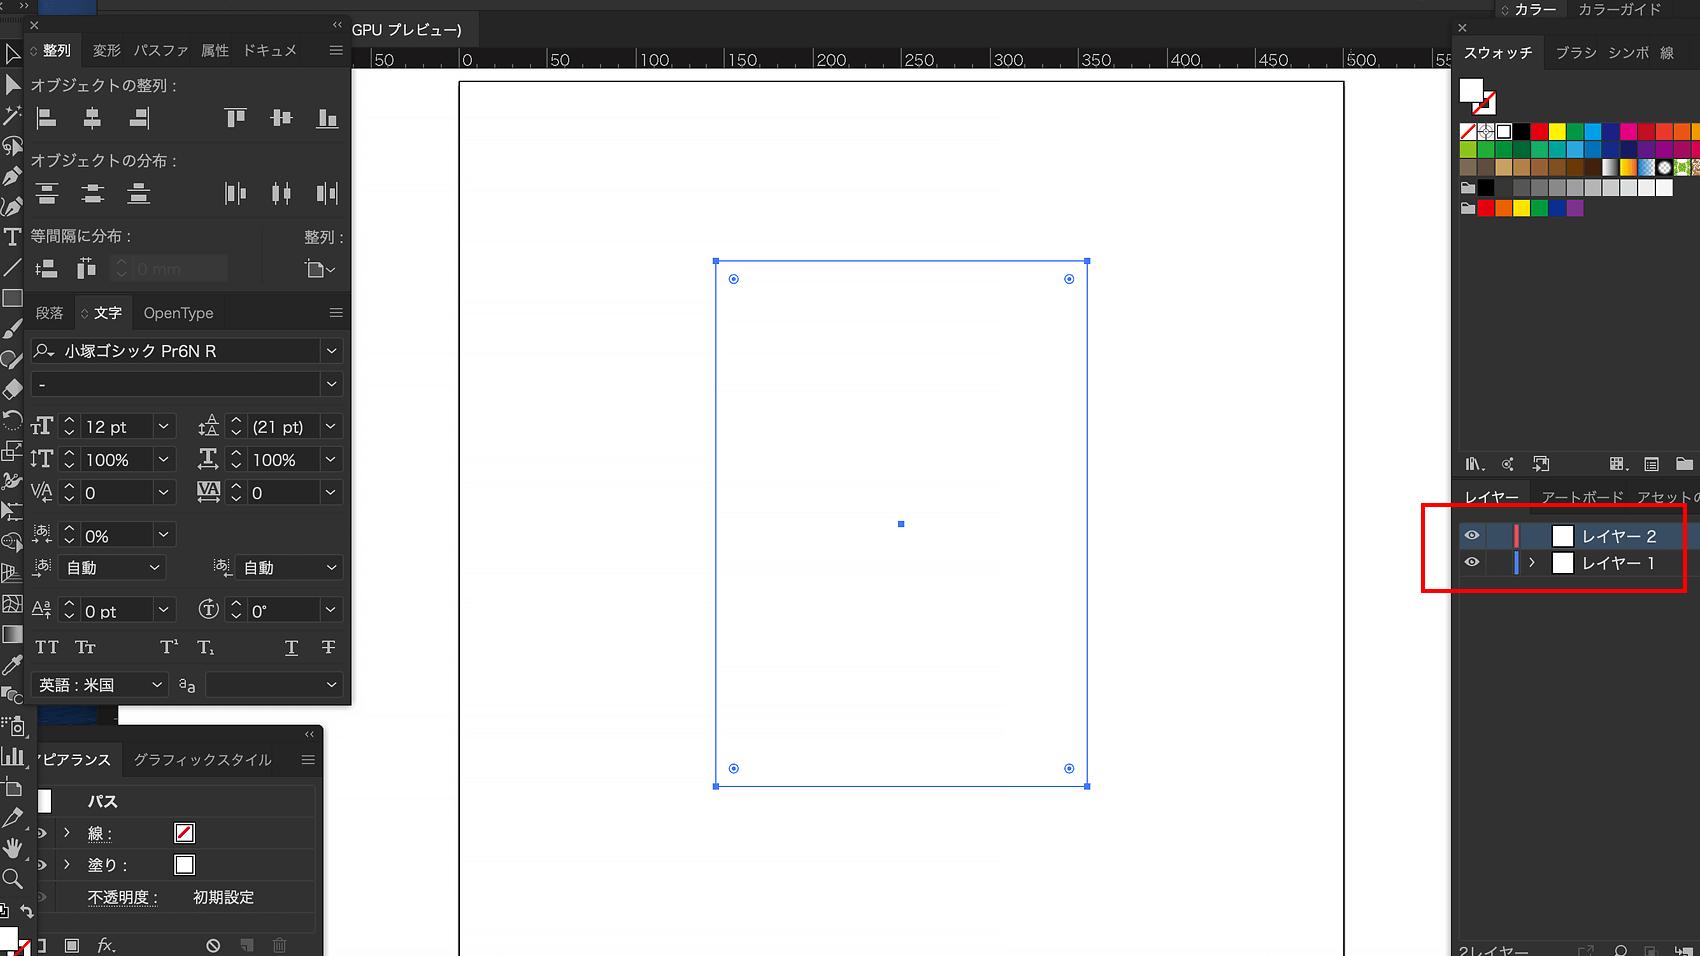 デザインしたいサイズの長方形を作成後、新規レイヤーを作成